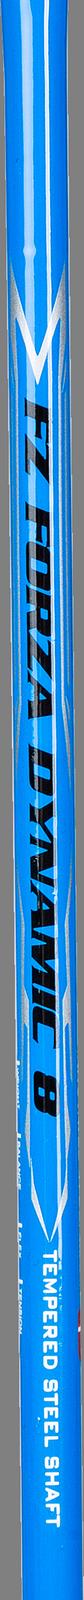 Forza Dynamic 8